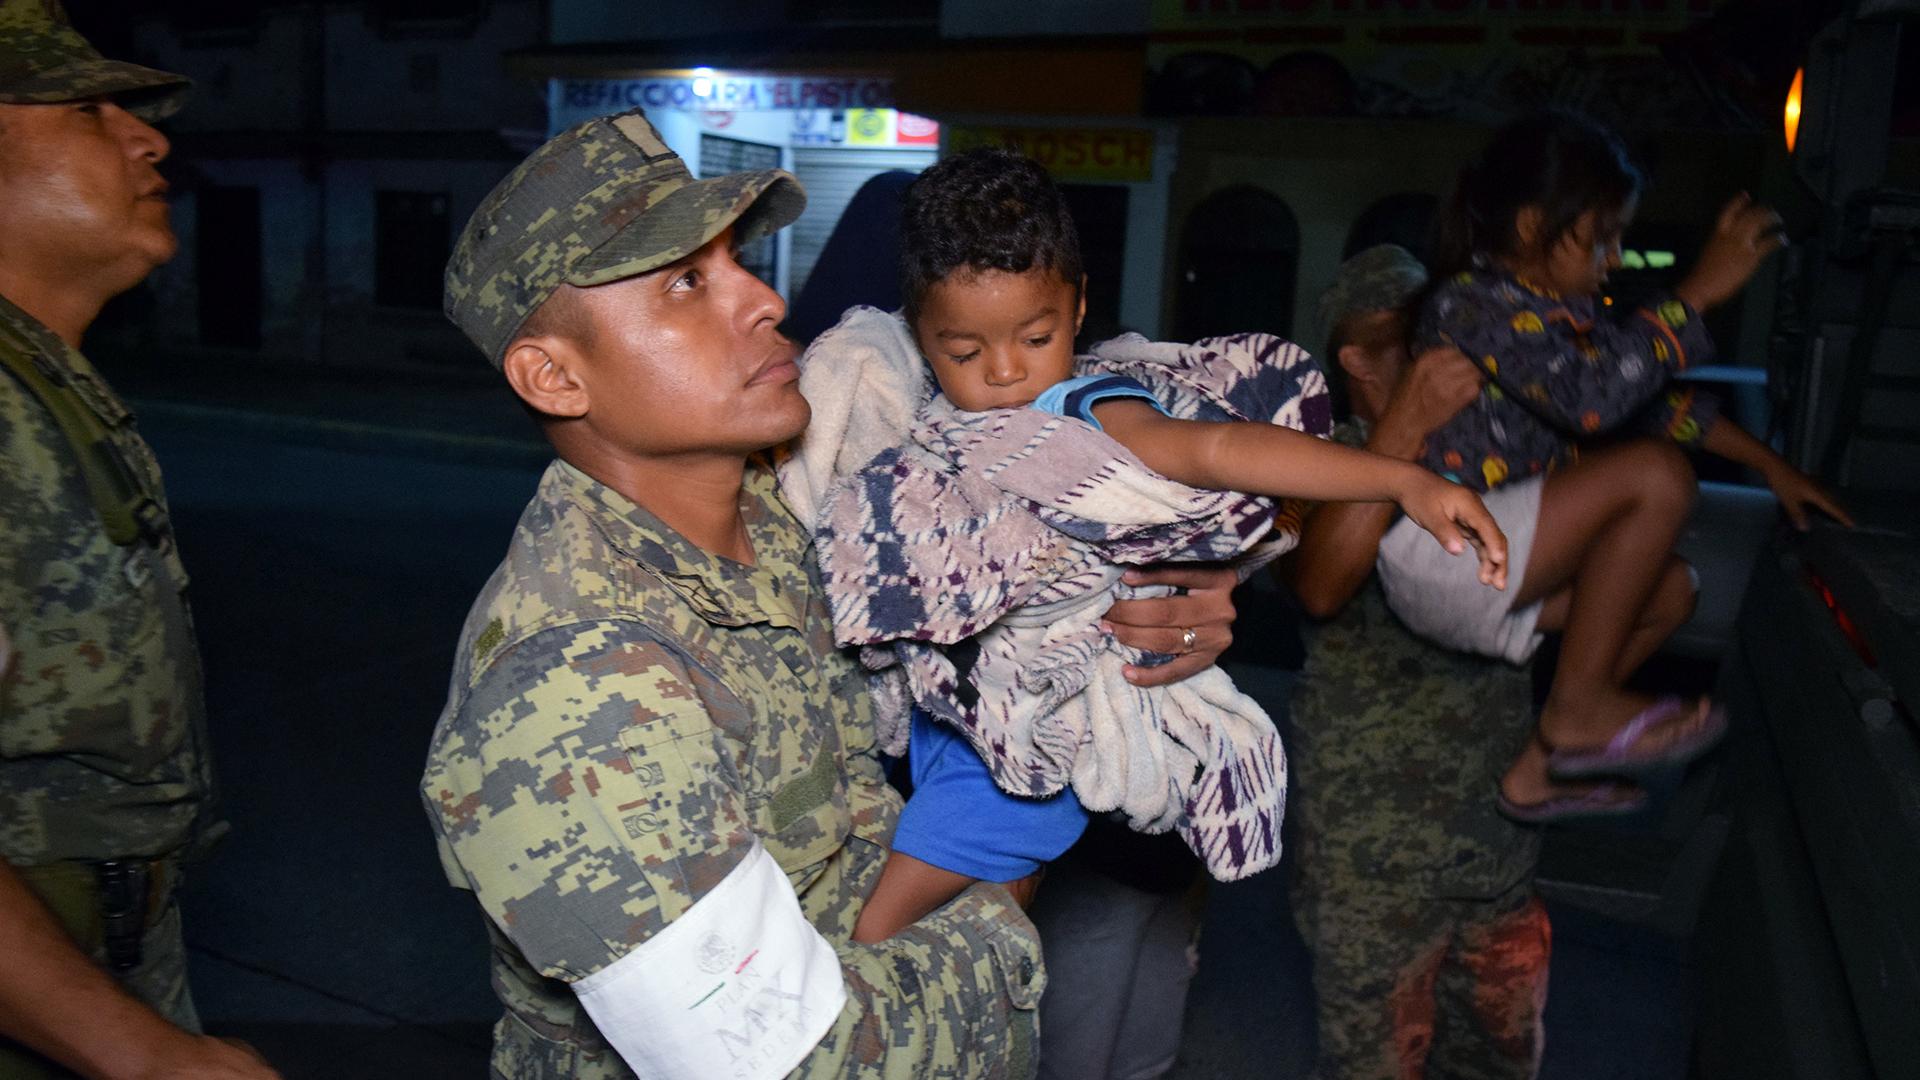 Los soldados asisten a las personas para evacuar Puerto Madero tras el terremoto (Reuters)